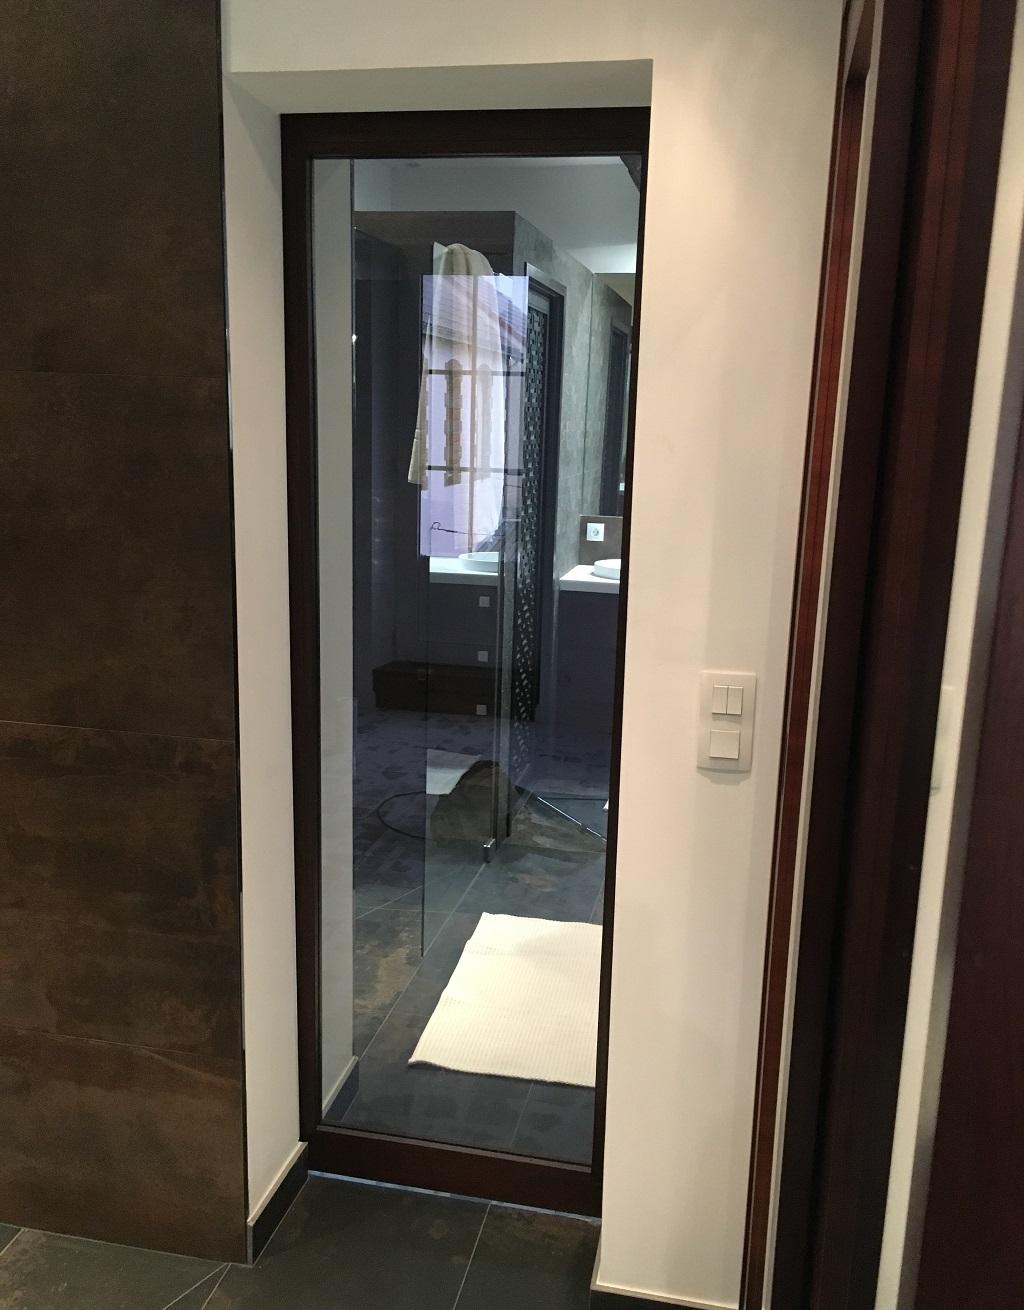 Porte coulissante à galandage avec miroir santin - Salle d'eau Acajou